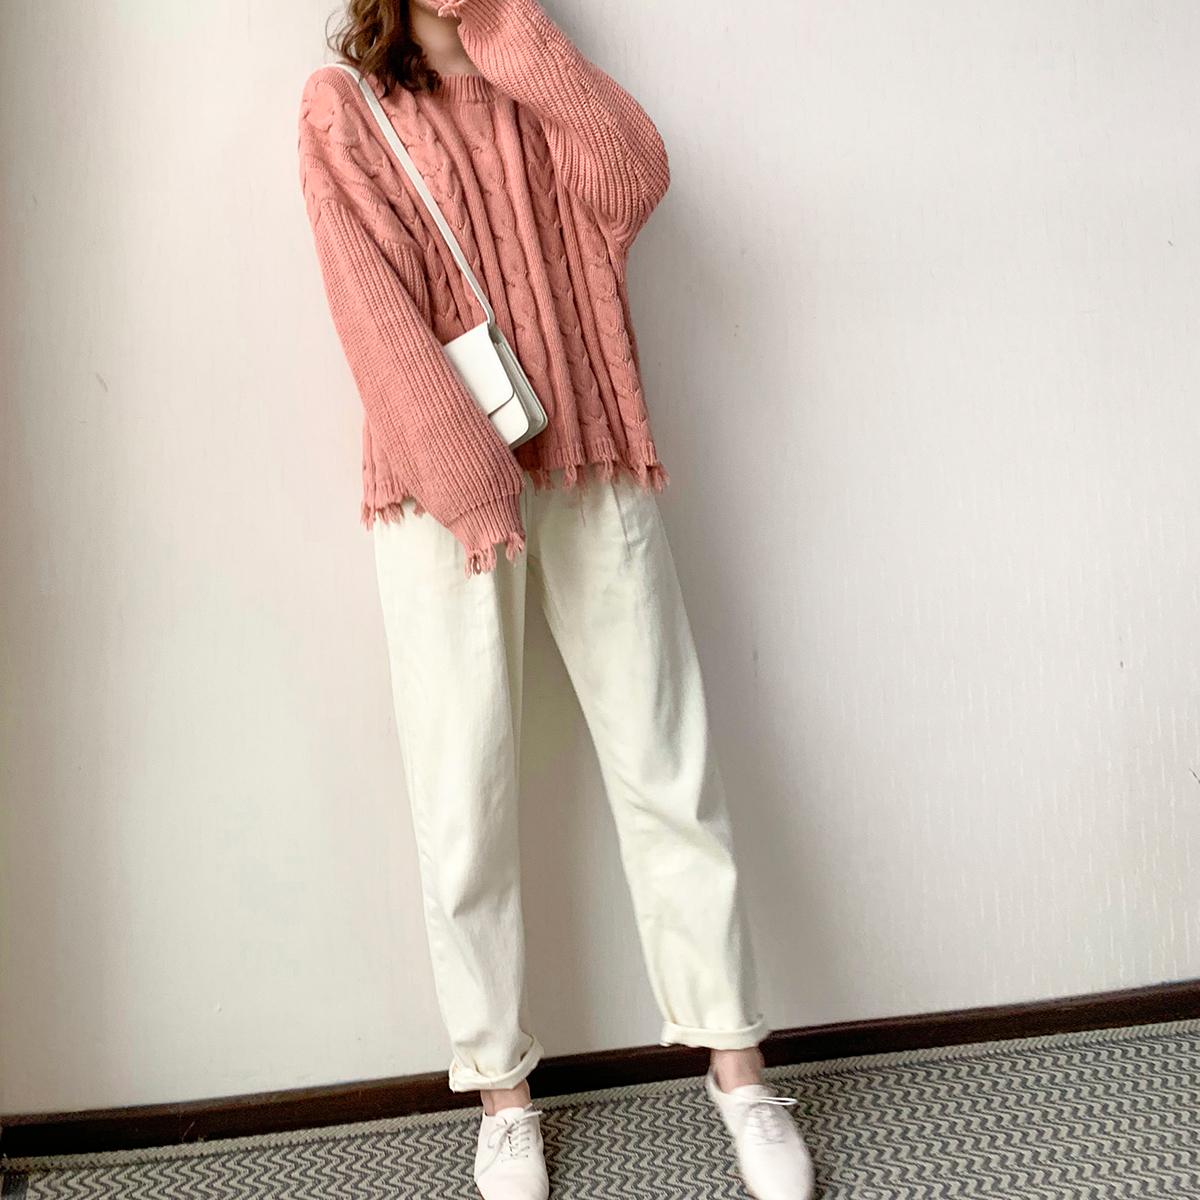 大喜自制白色牛仔裤秋装女新款复古显瘦紧身高腰小脚裤休闲裤